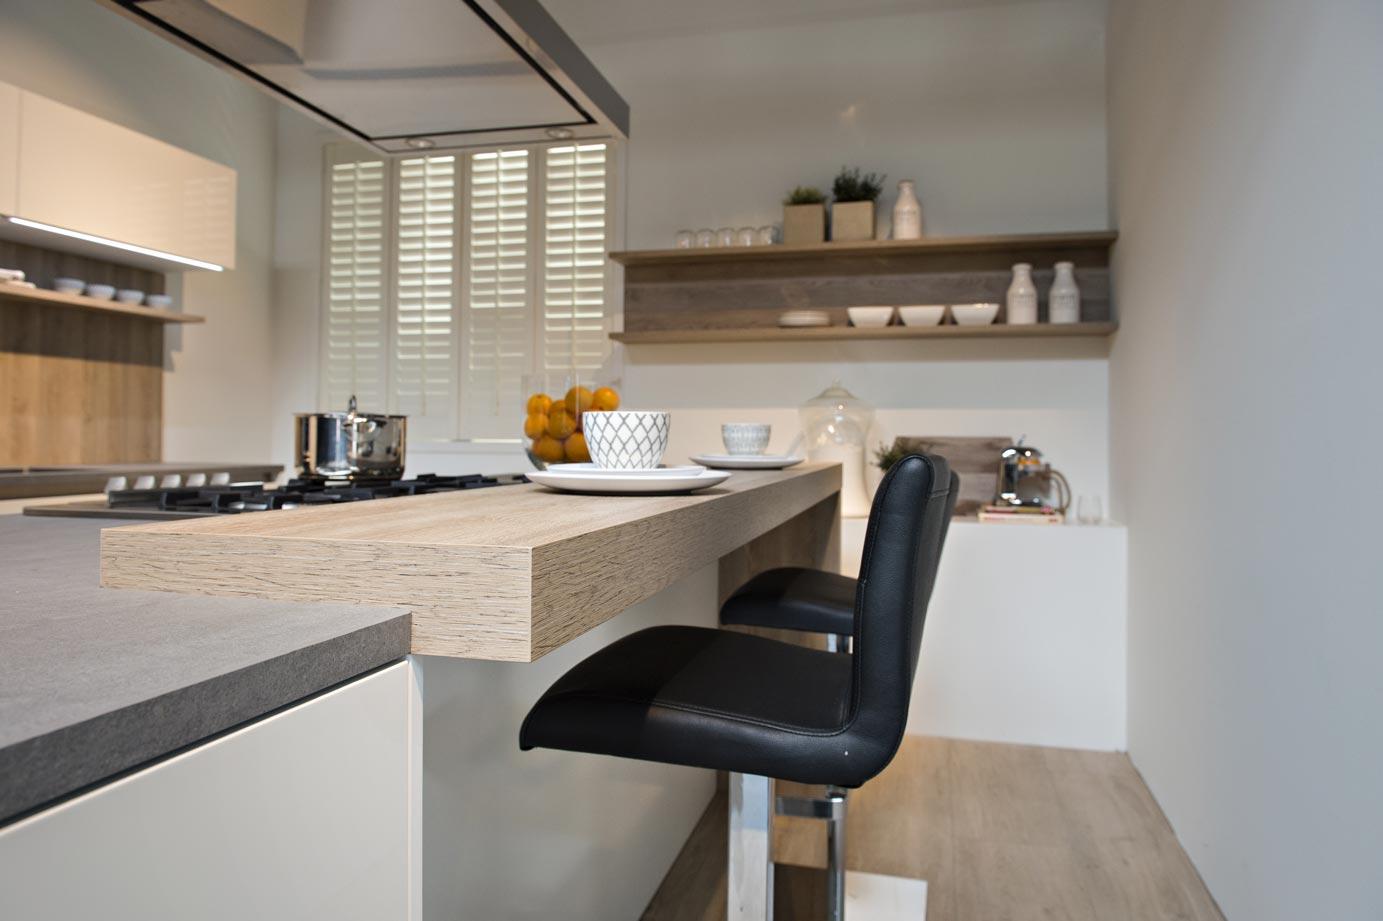 Kookeiland Afbeeldingen : Moderne keuken met kookeiland DB Keukens